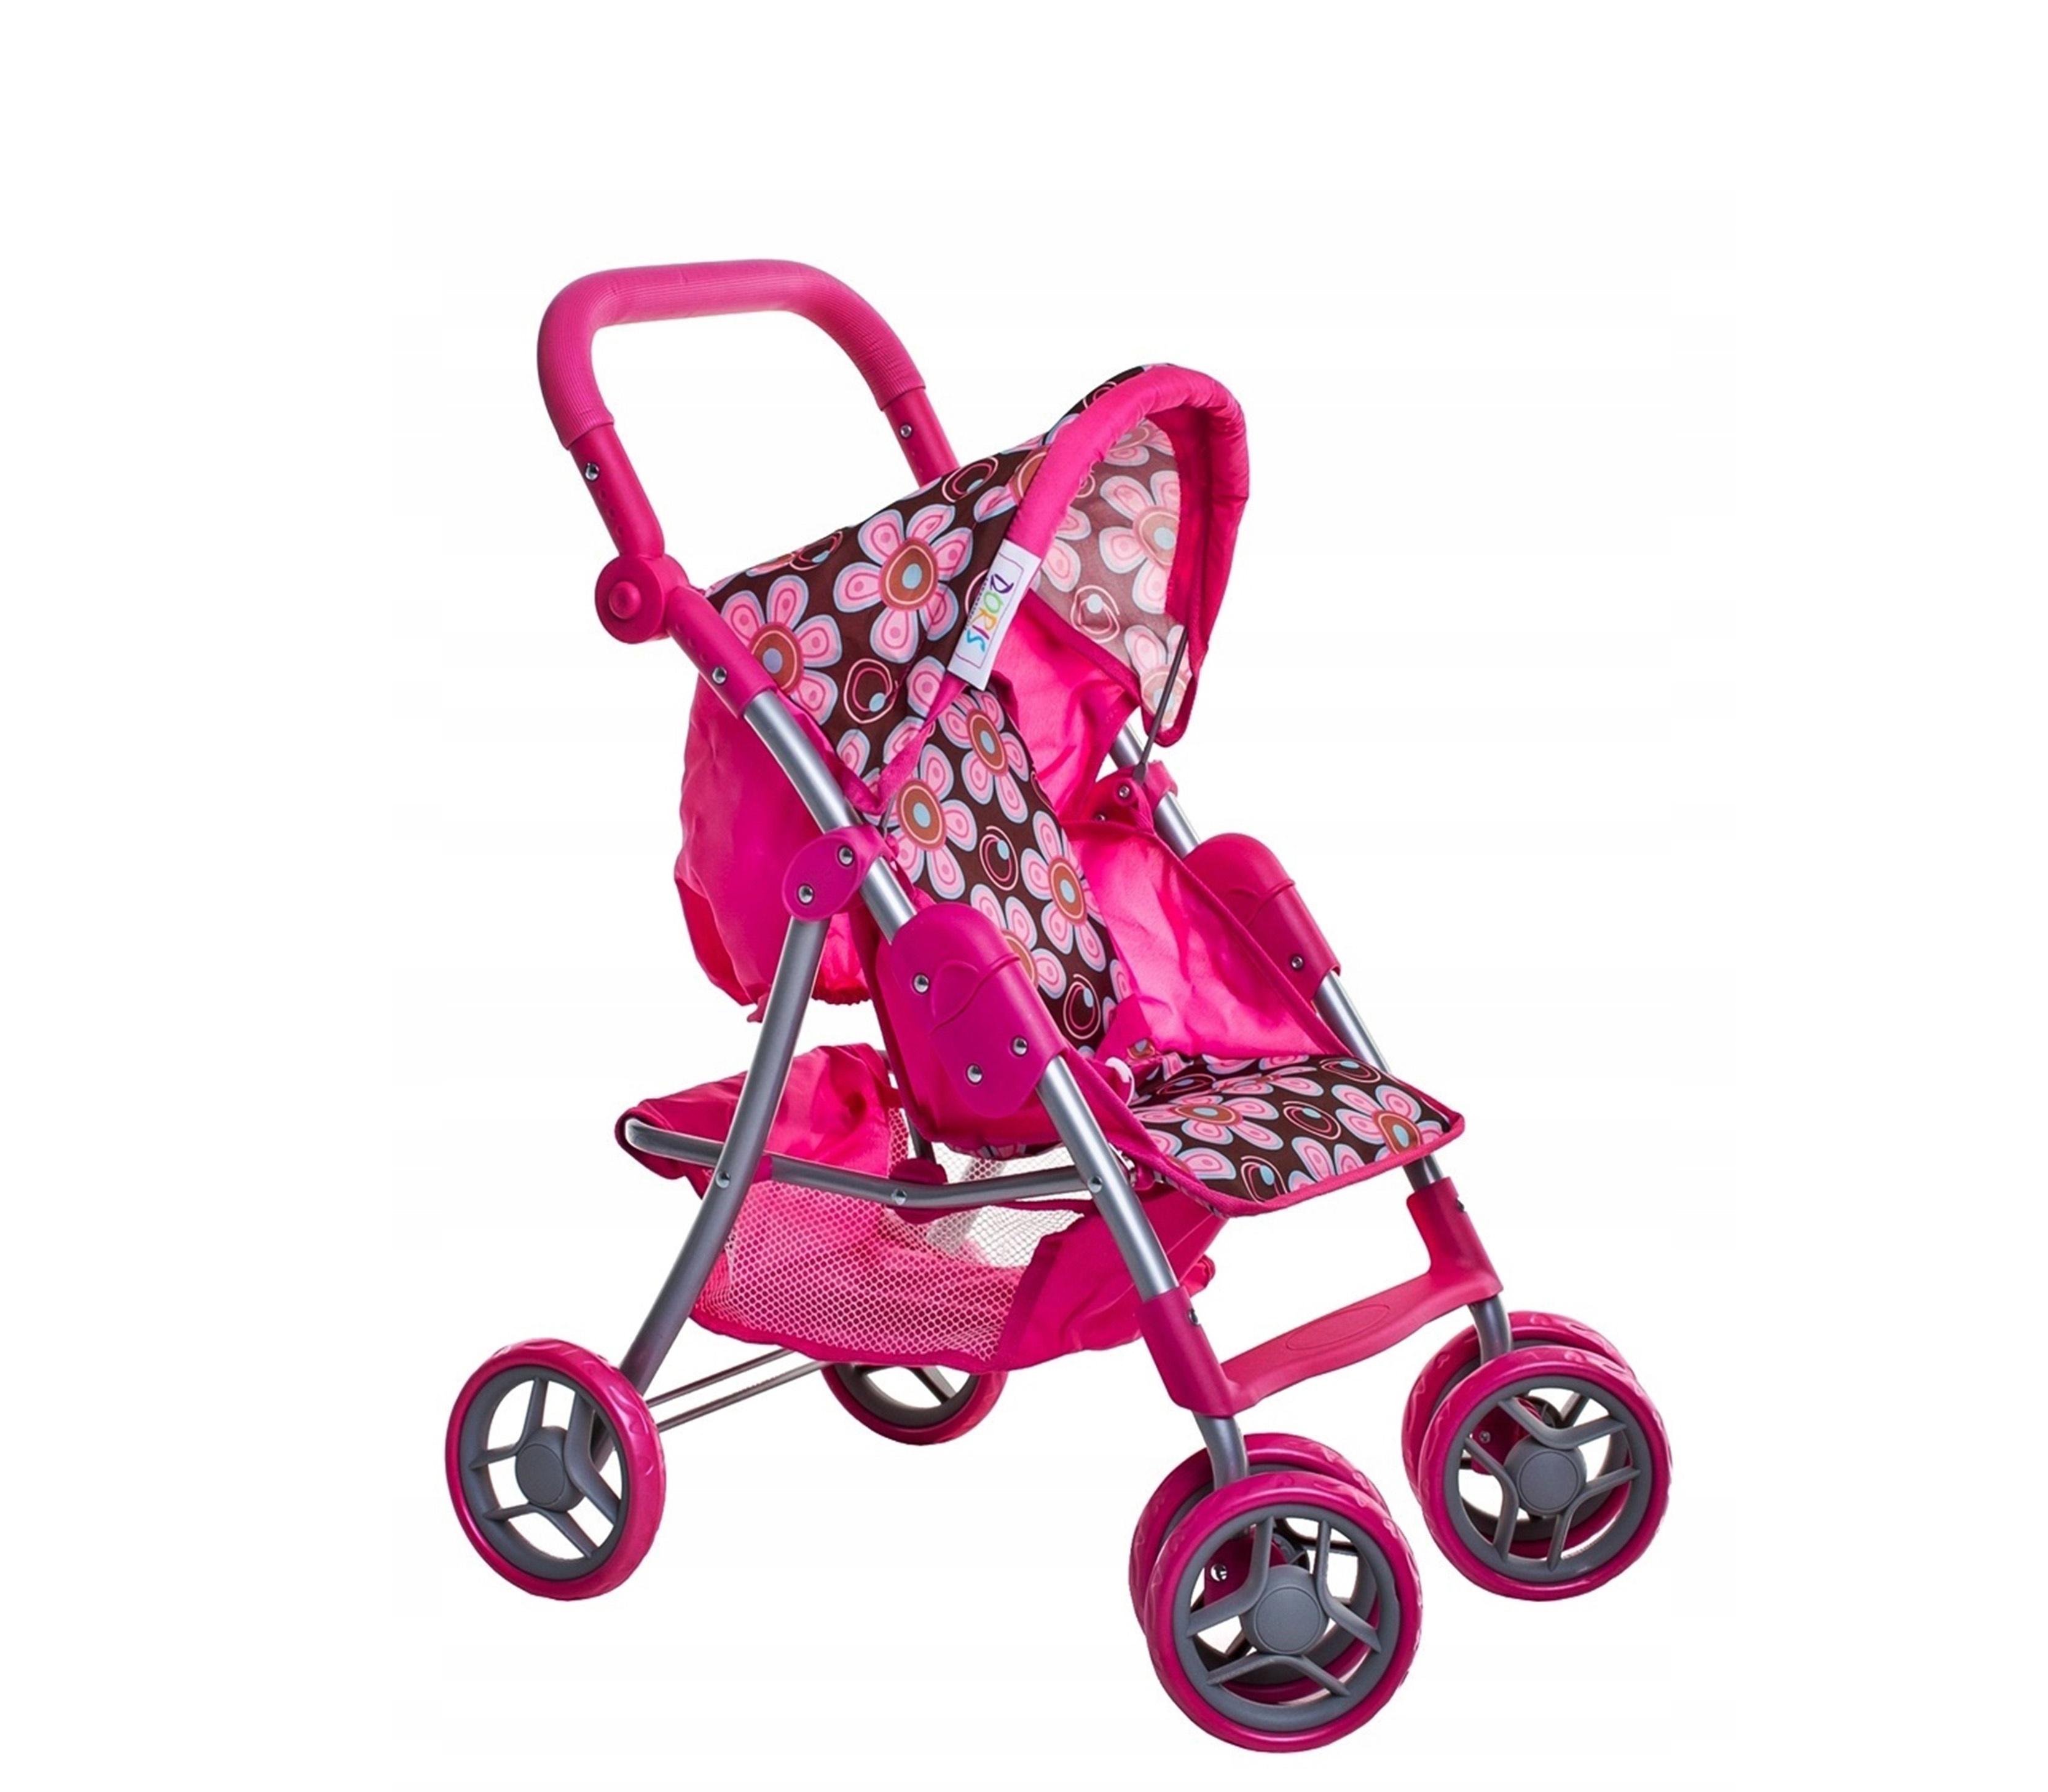 Doris Sportovní kočárek pro panenky 9352 Hot Pink 3